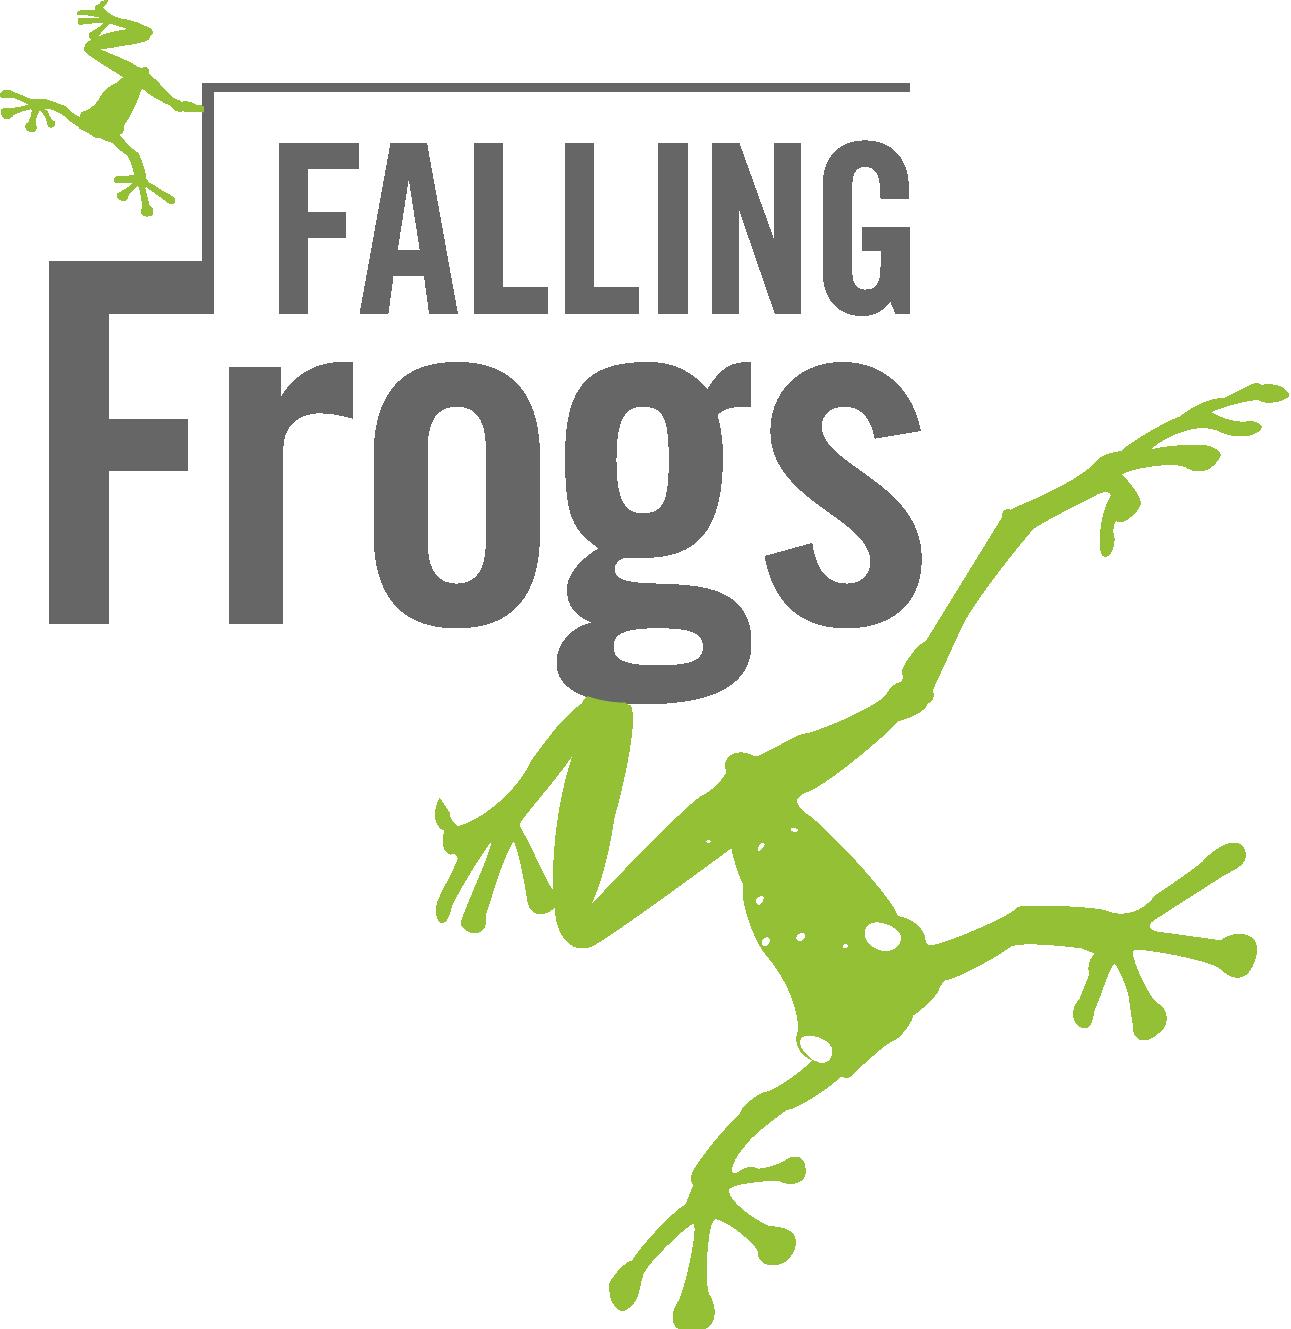 falling frogs